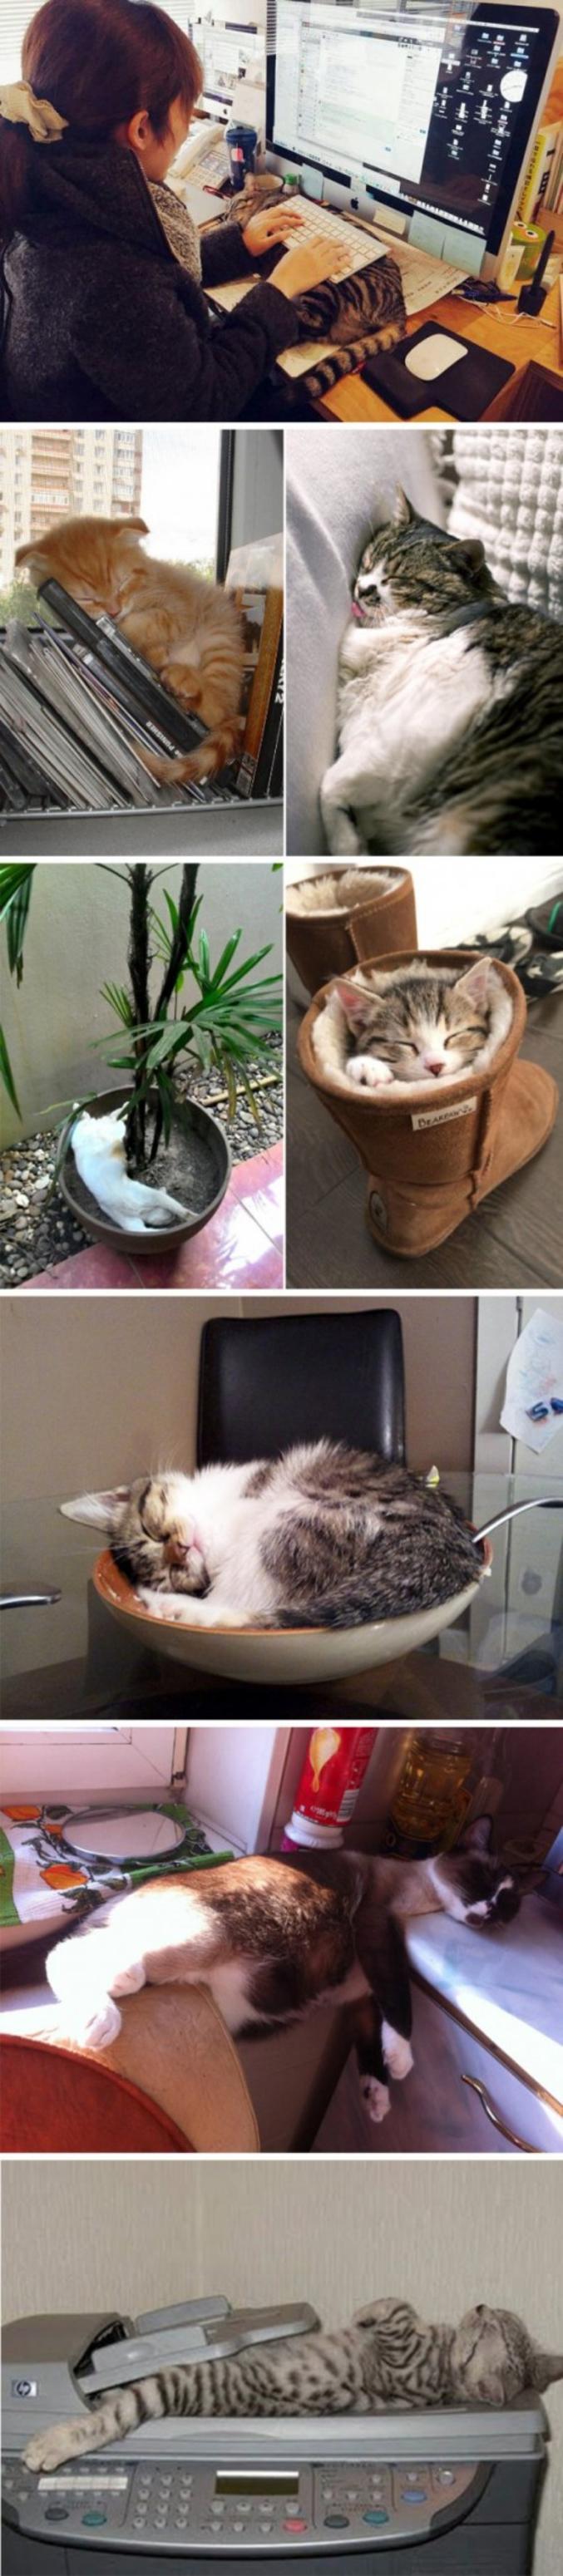 C'est ainsi que les chats dorment.